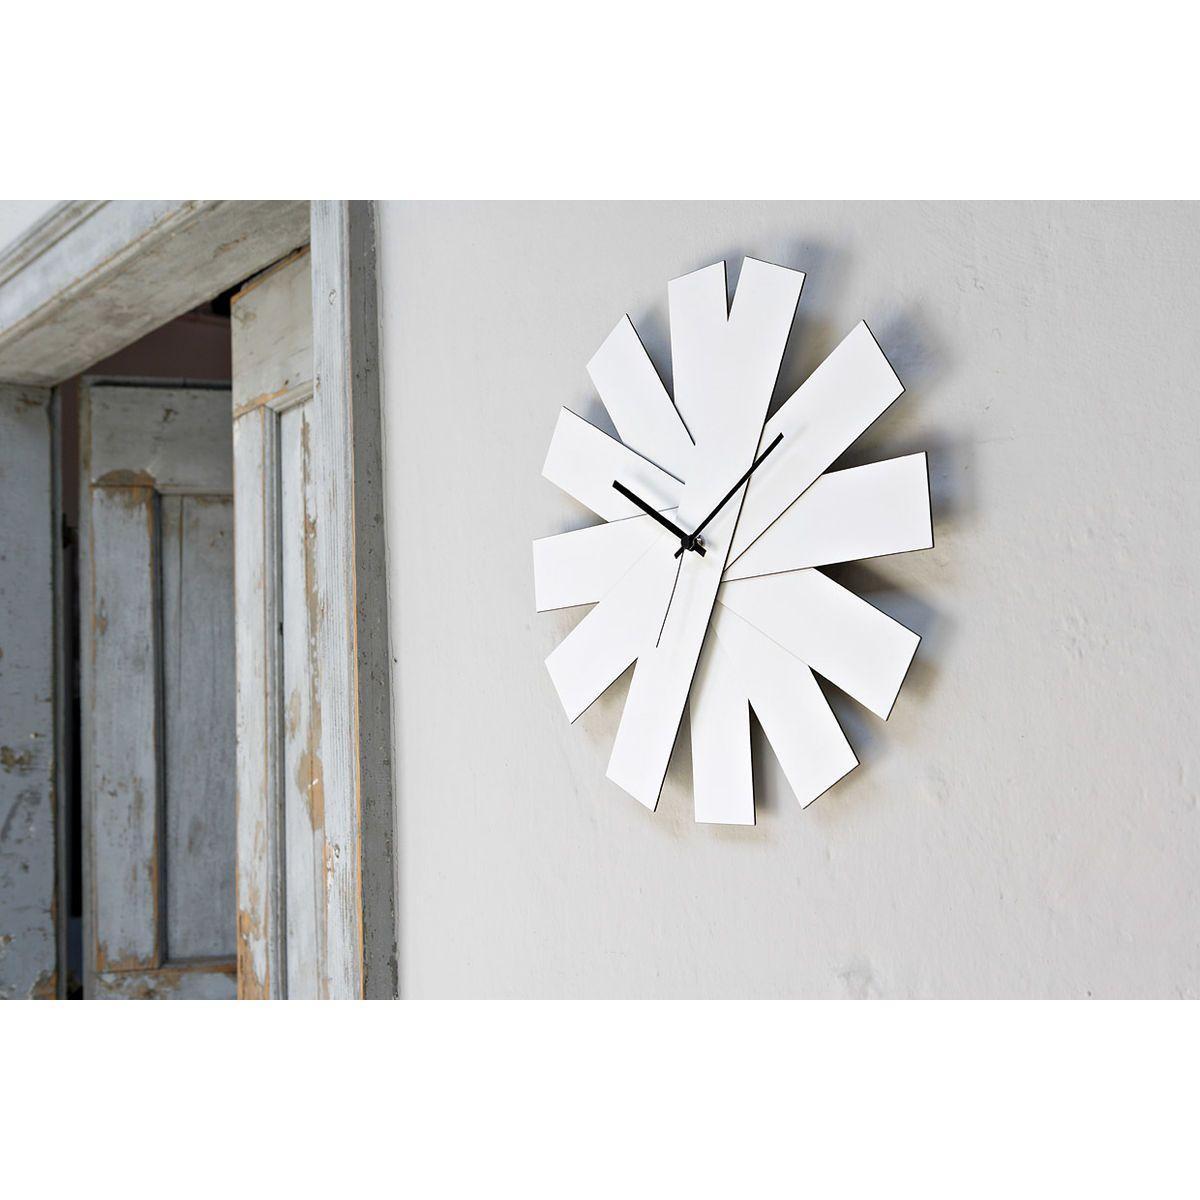 Orologio da parete circolare a ventaglio richiudibile con lancette nere